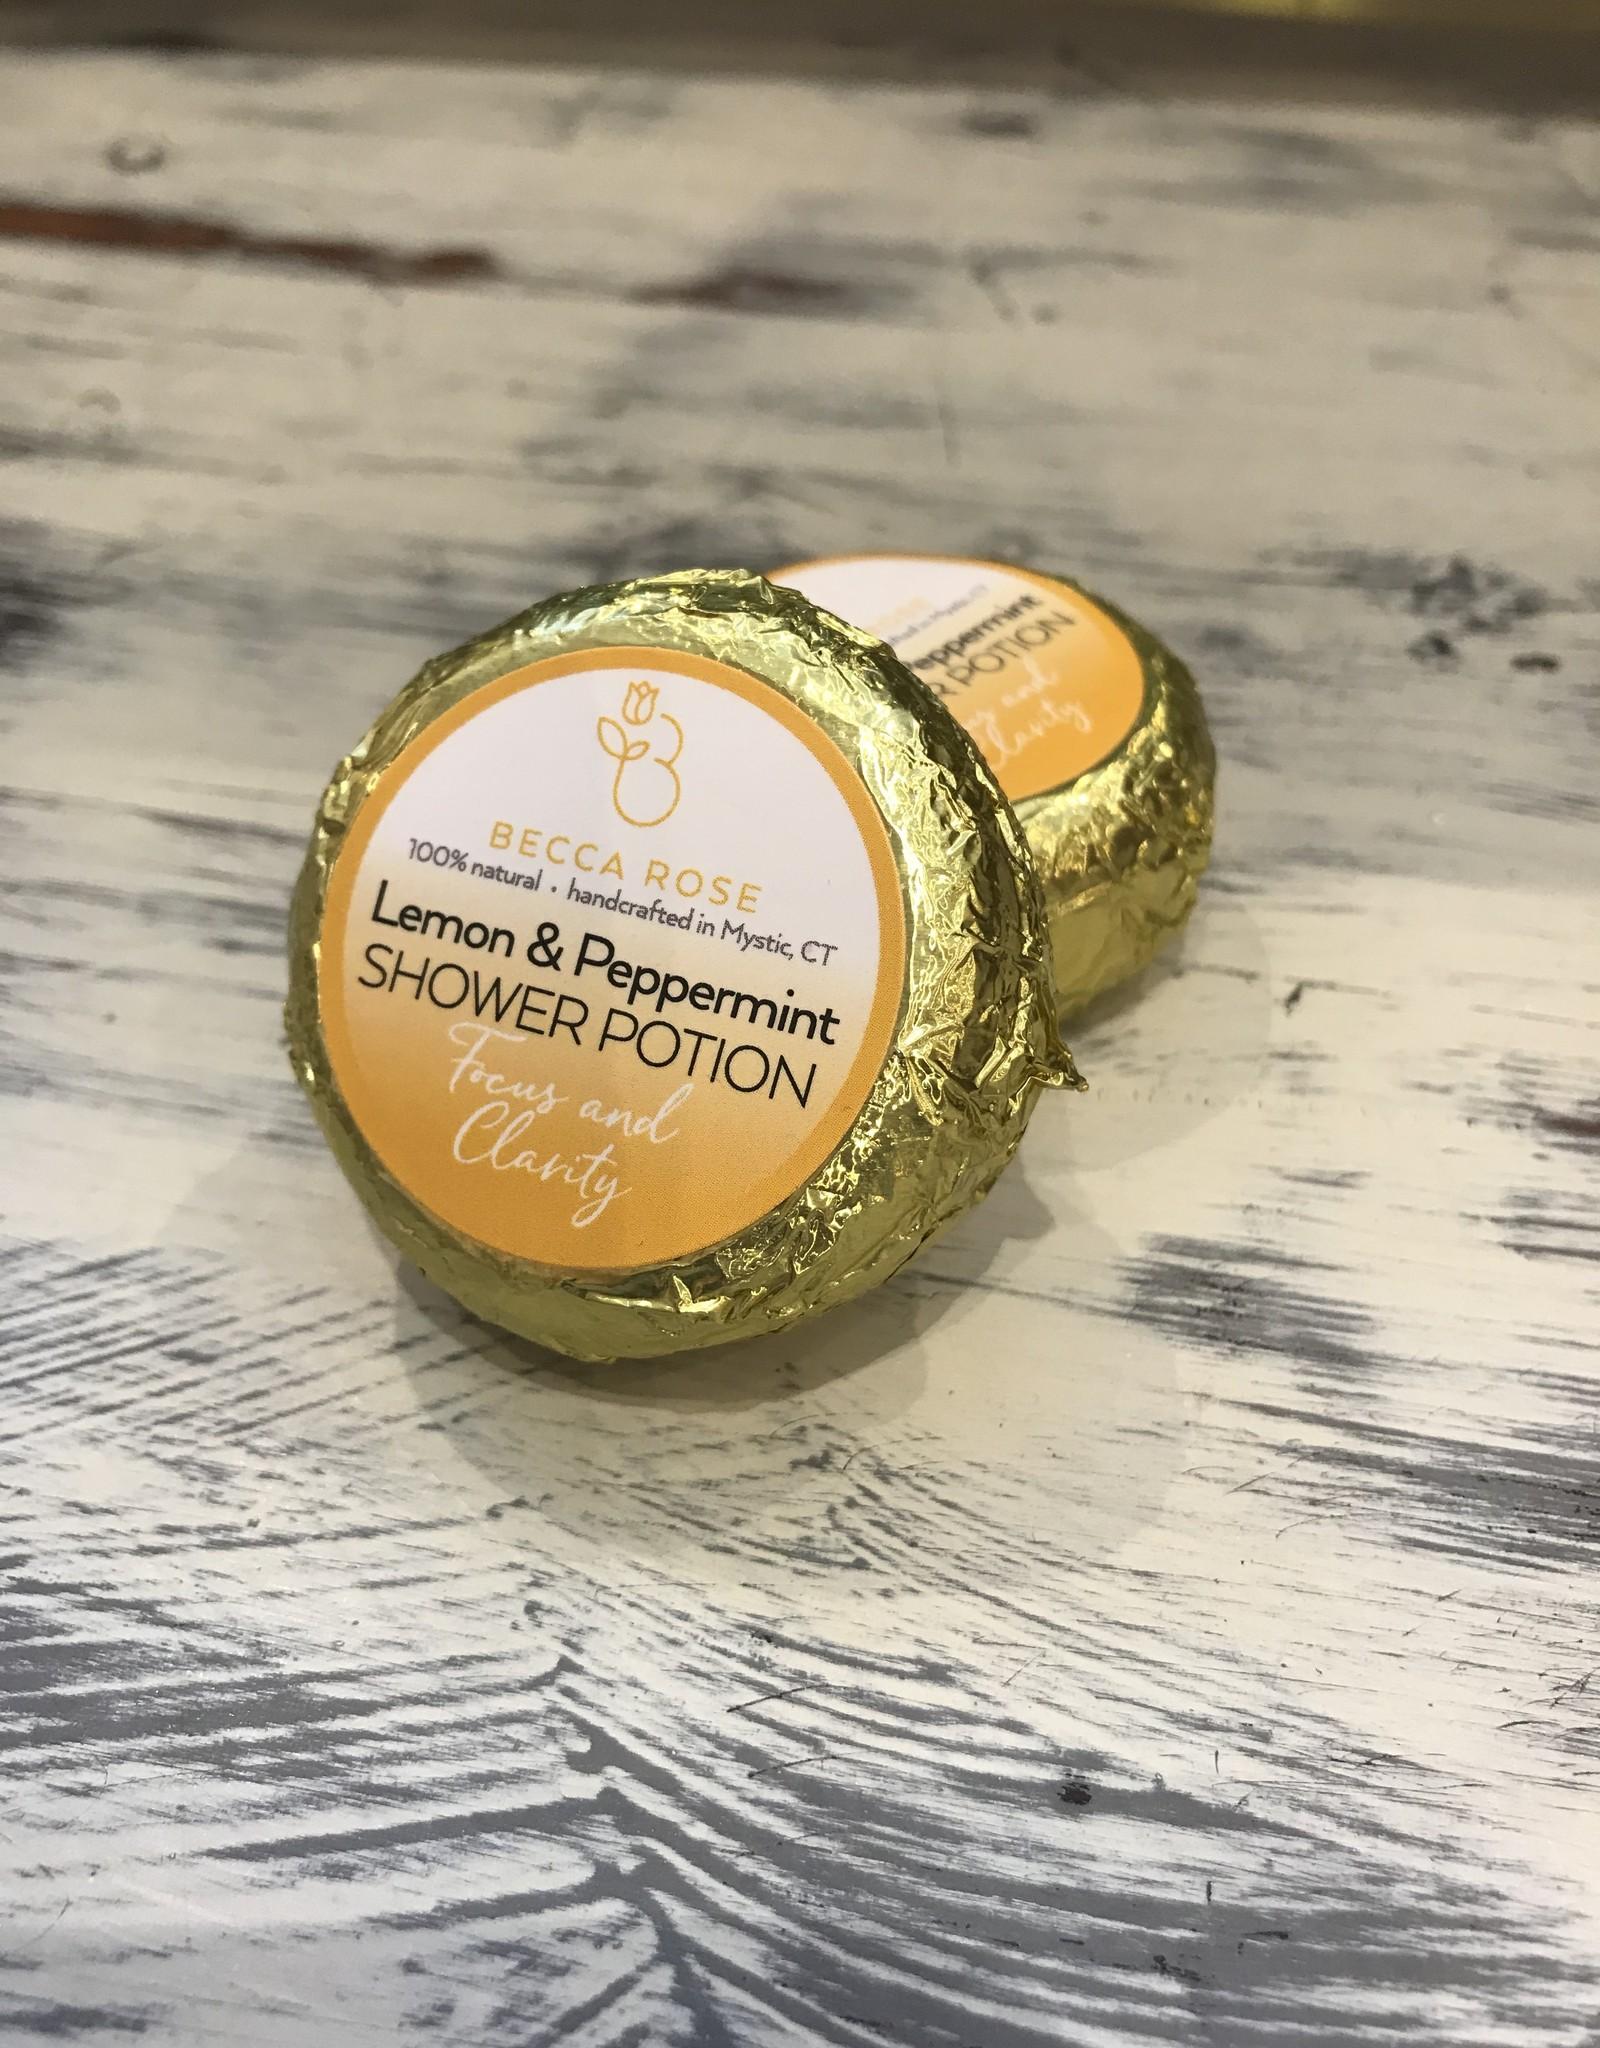 Becca Rose Shower Potion: Lemon-Peppermint